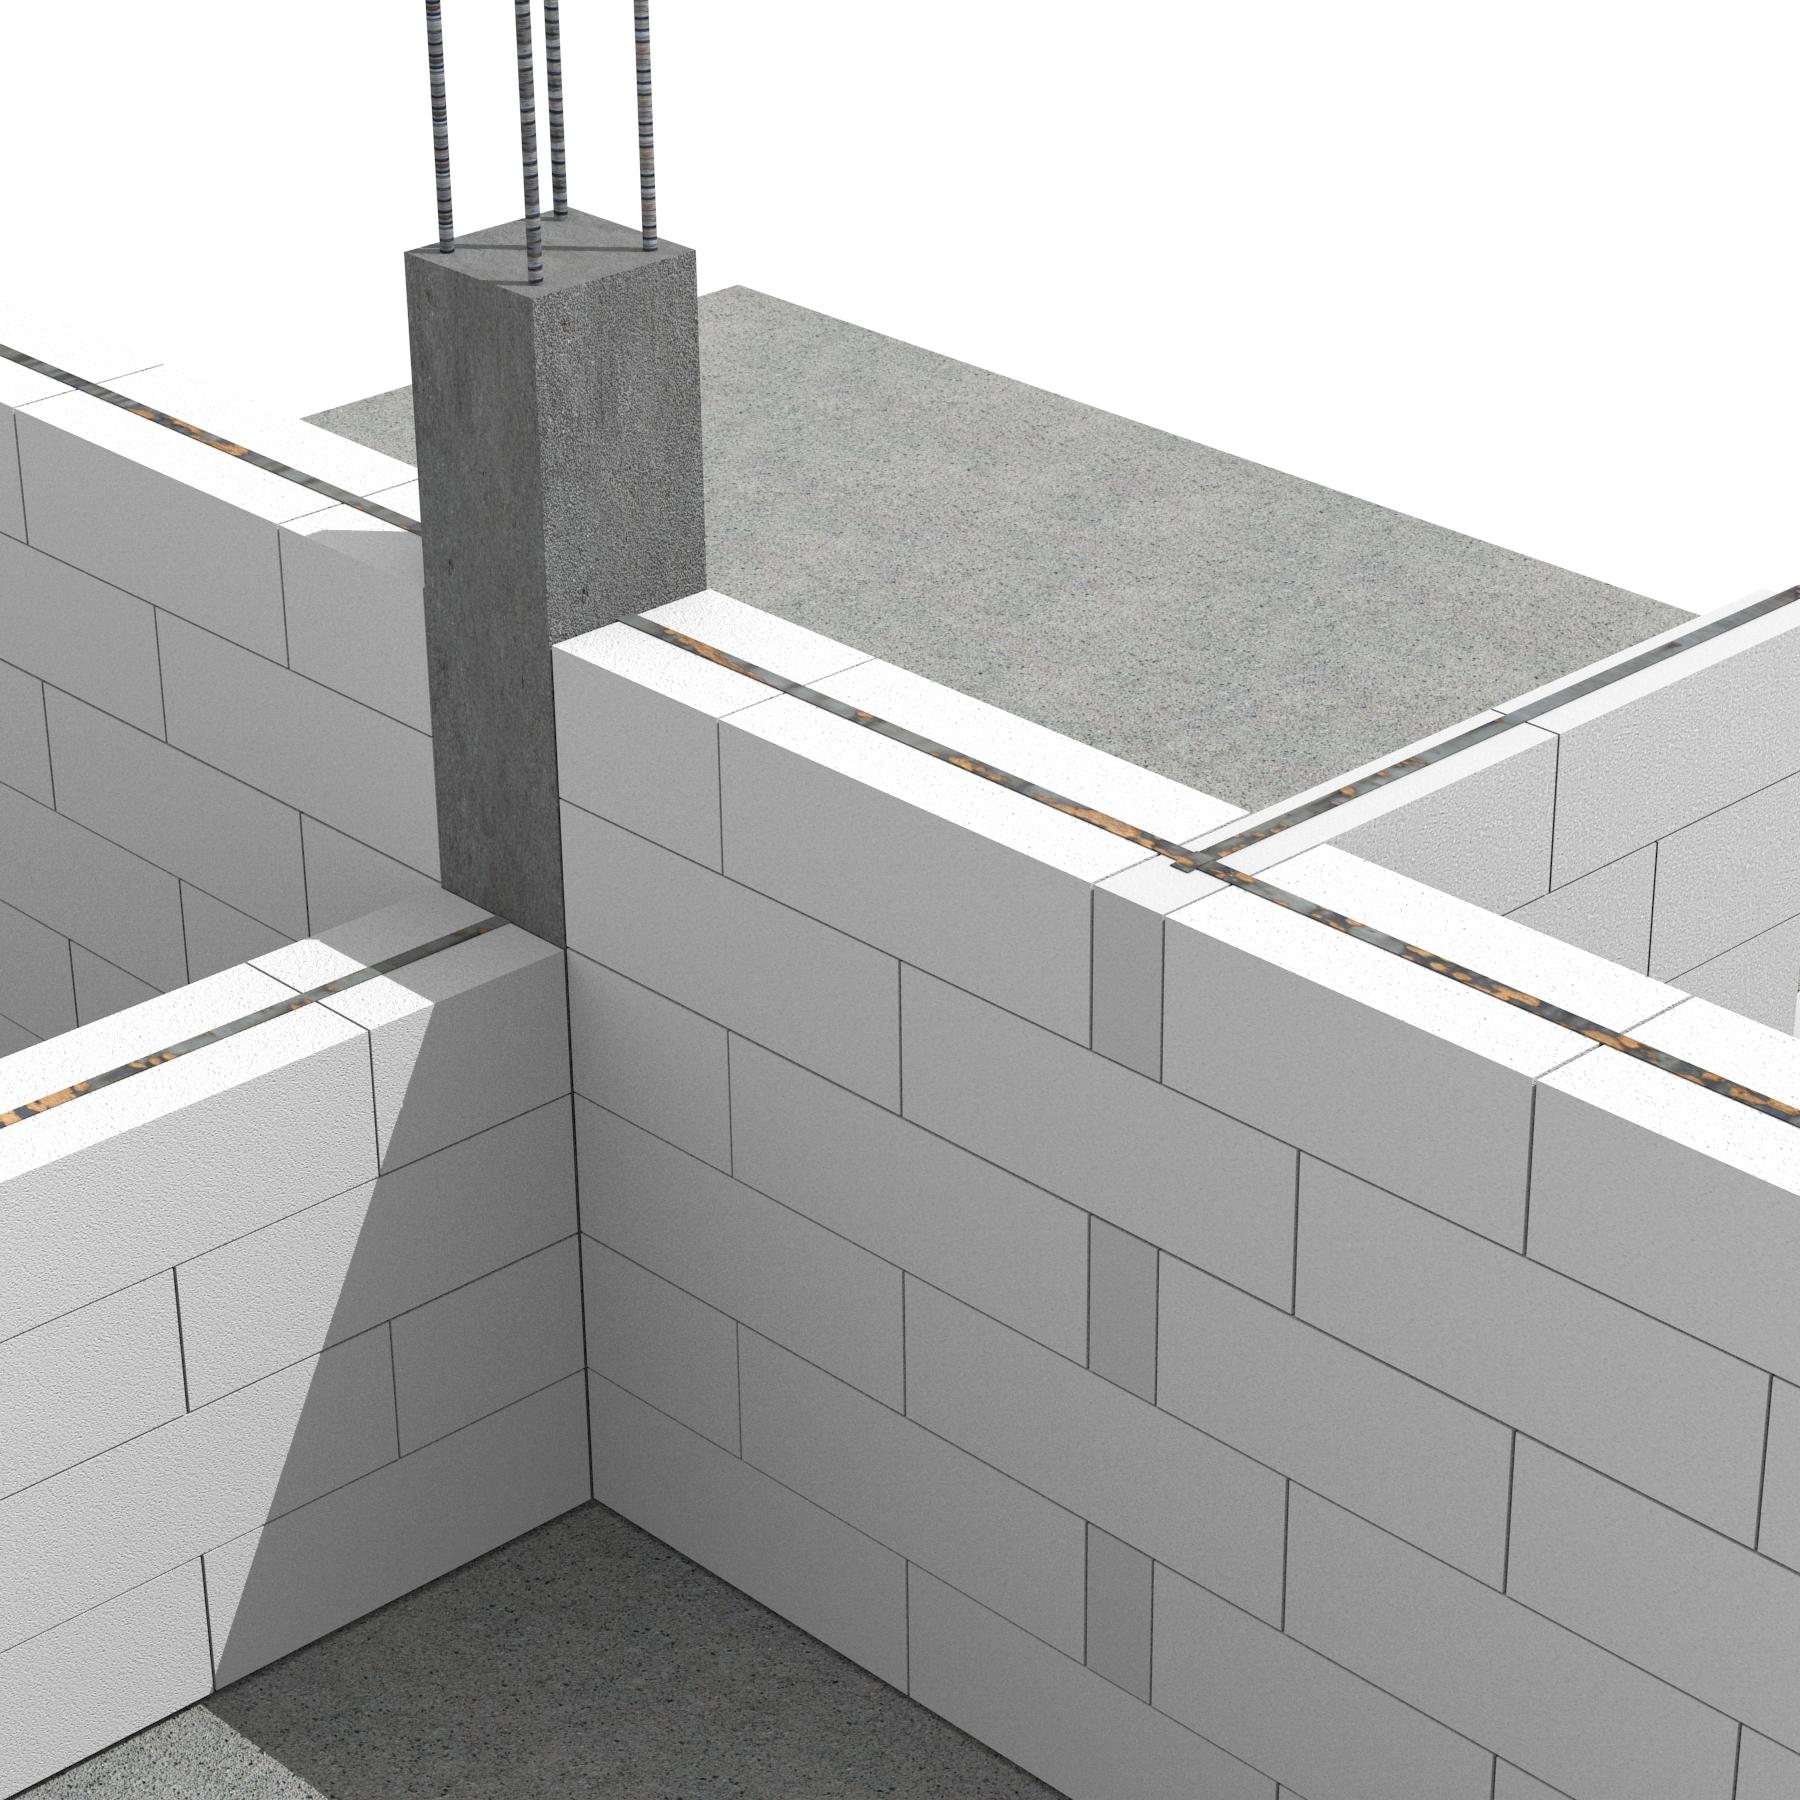 Pereti de compartimentare portanti realizati cu blocuri de zidarie BCA MACON SIMCOR - Sistem de zidarie confinata din BCA Macon pentru constructii rezidentiale, publice si industriale